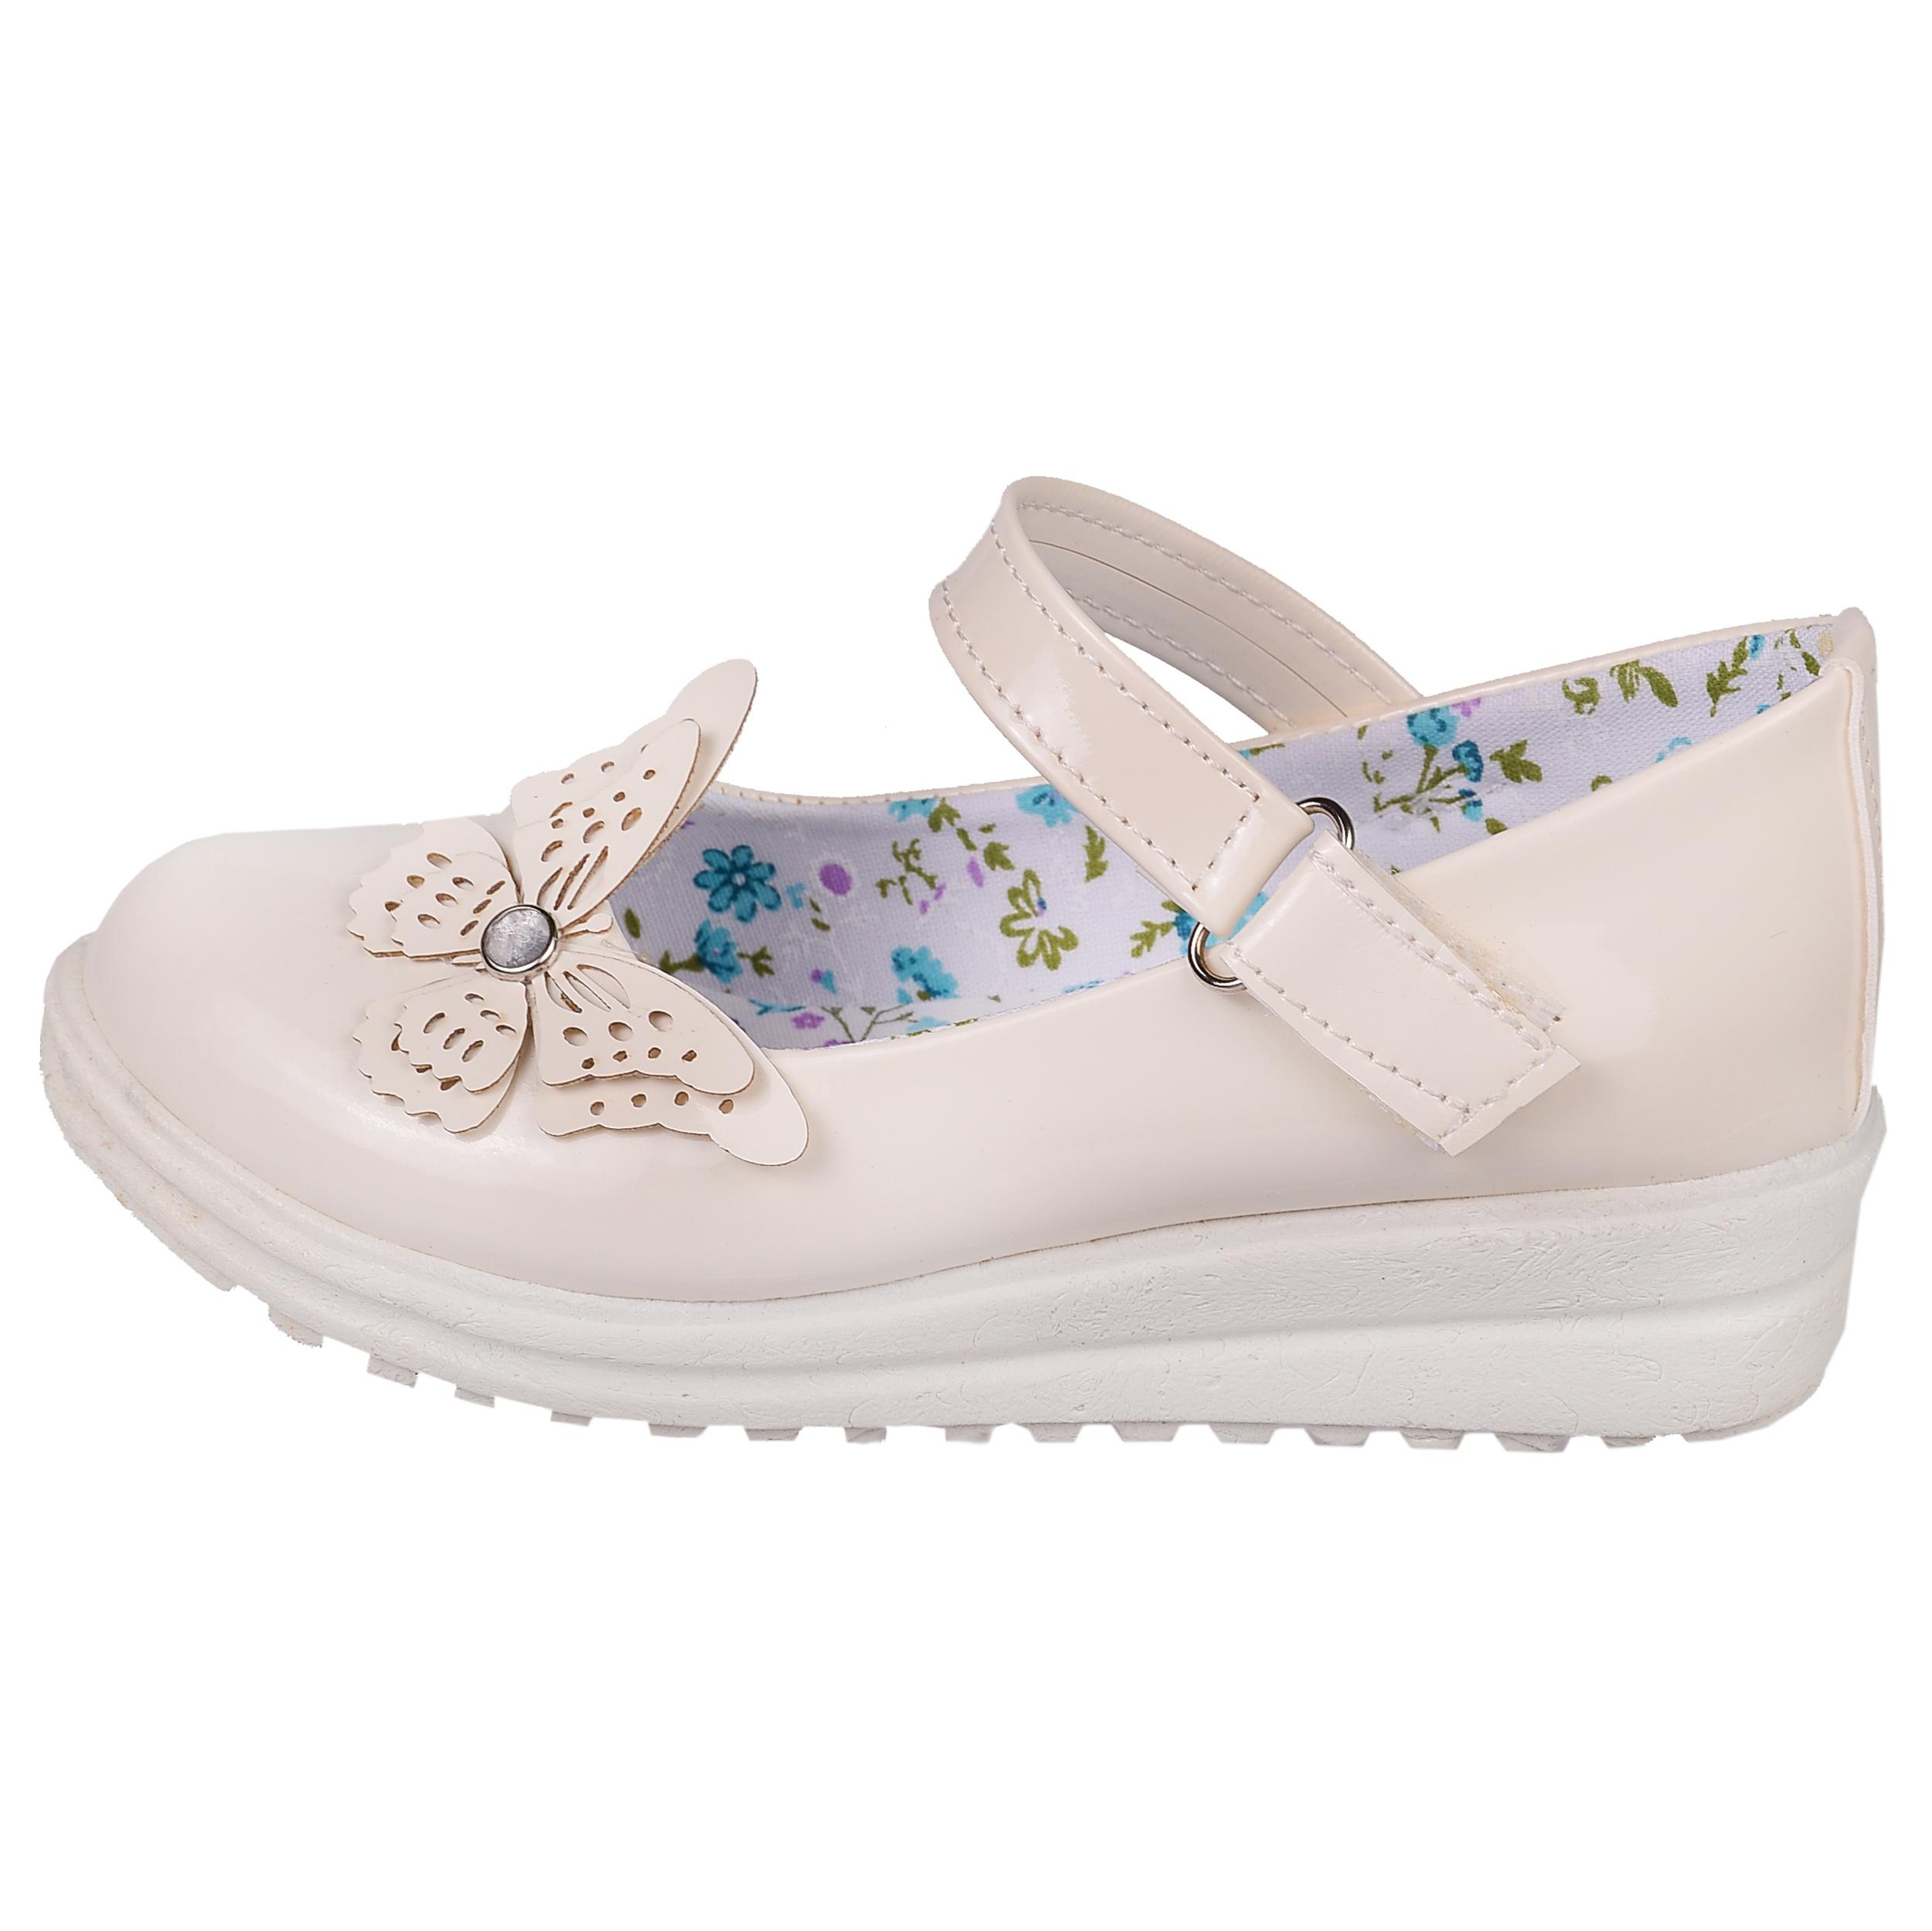 تصویر کفش دخترانه مدل پروانه  کد 3558